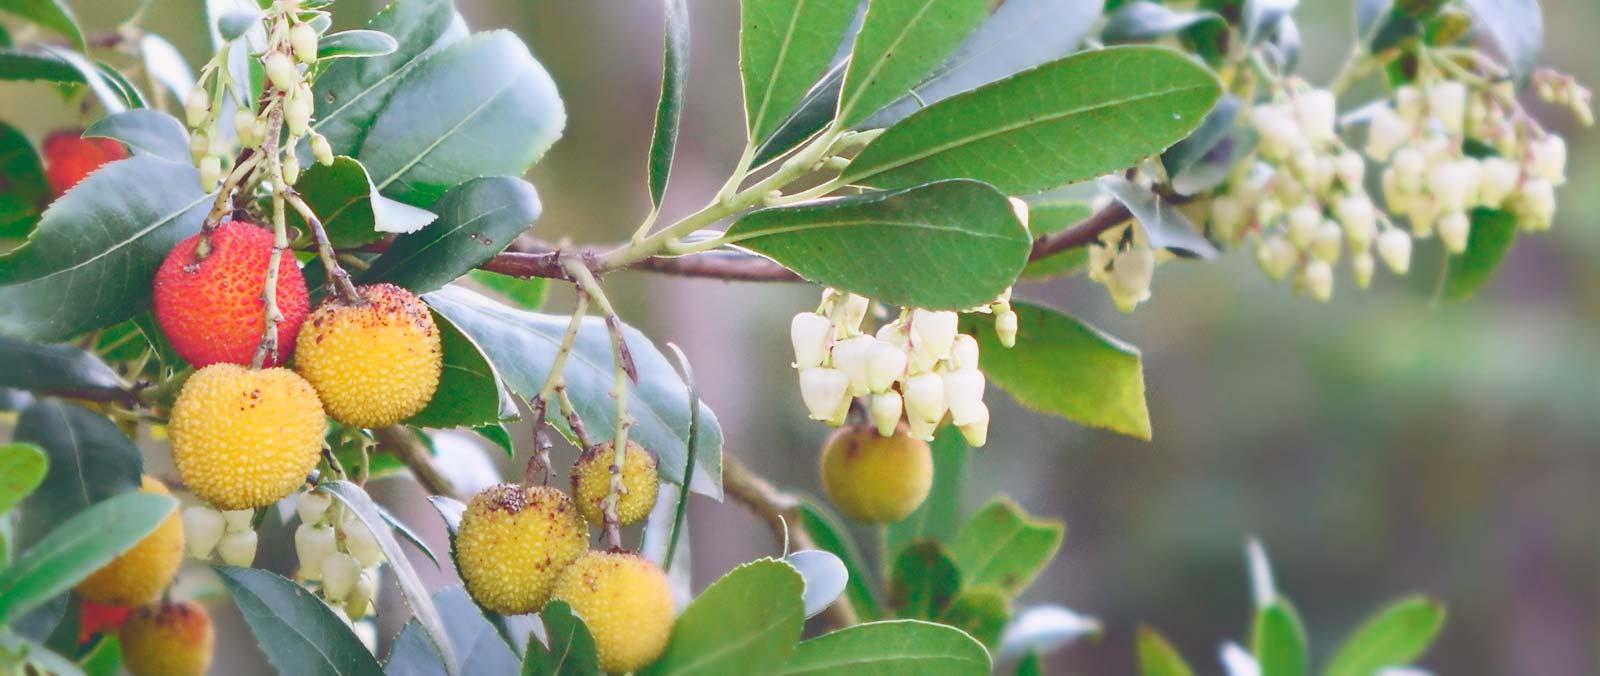 Miel de Madroño. Las flores y frutos de los Madroños (Arbutus unedo) dan color a finales del otoño en el Parque Natural de las Fuentes del Narcea, Degaña e Ibias, Asturias.